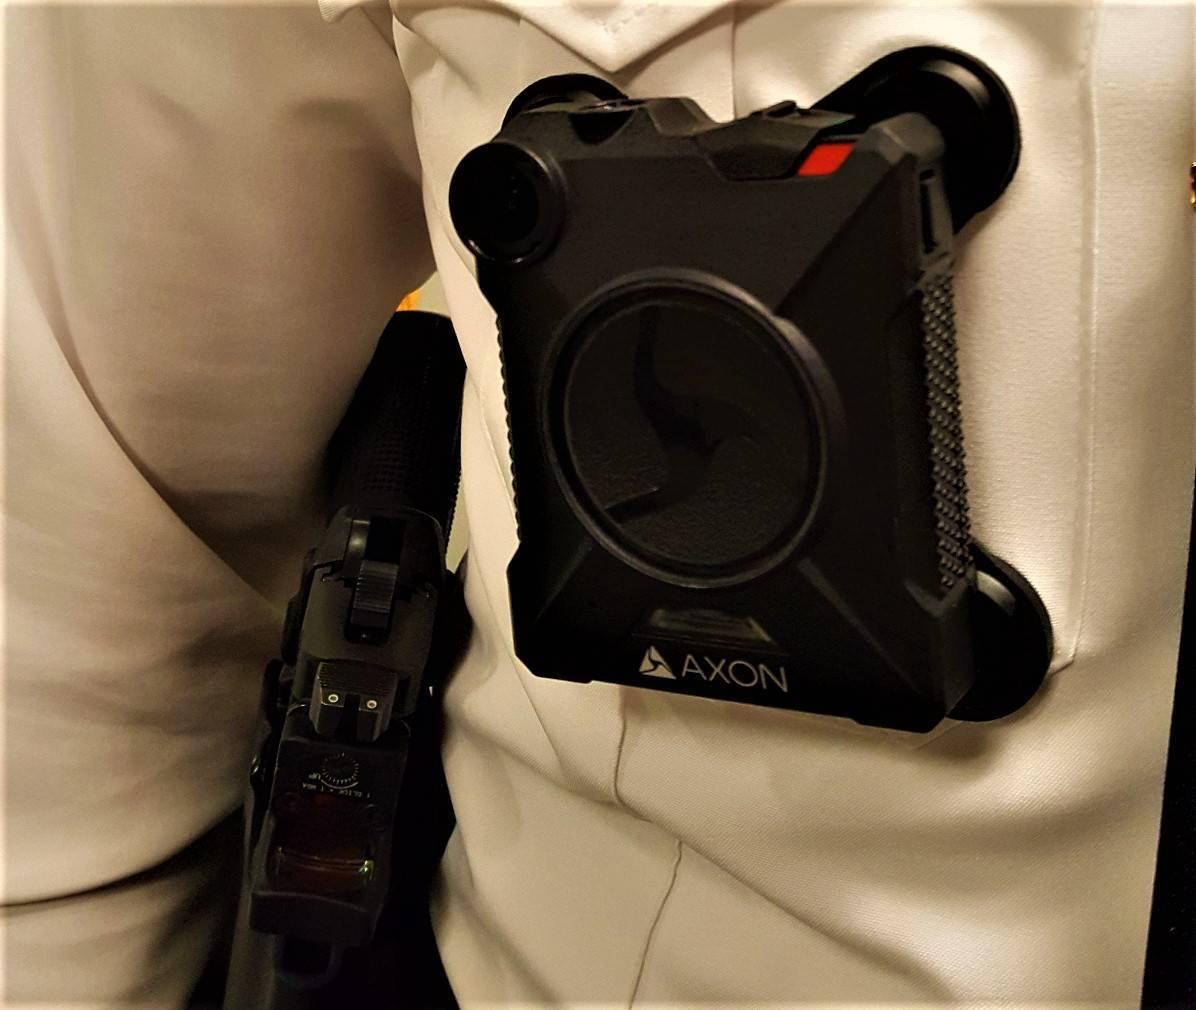 e706e5d23f14bb0ab500_Edison_Body_Camera02.jpg